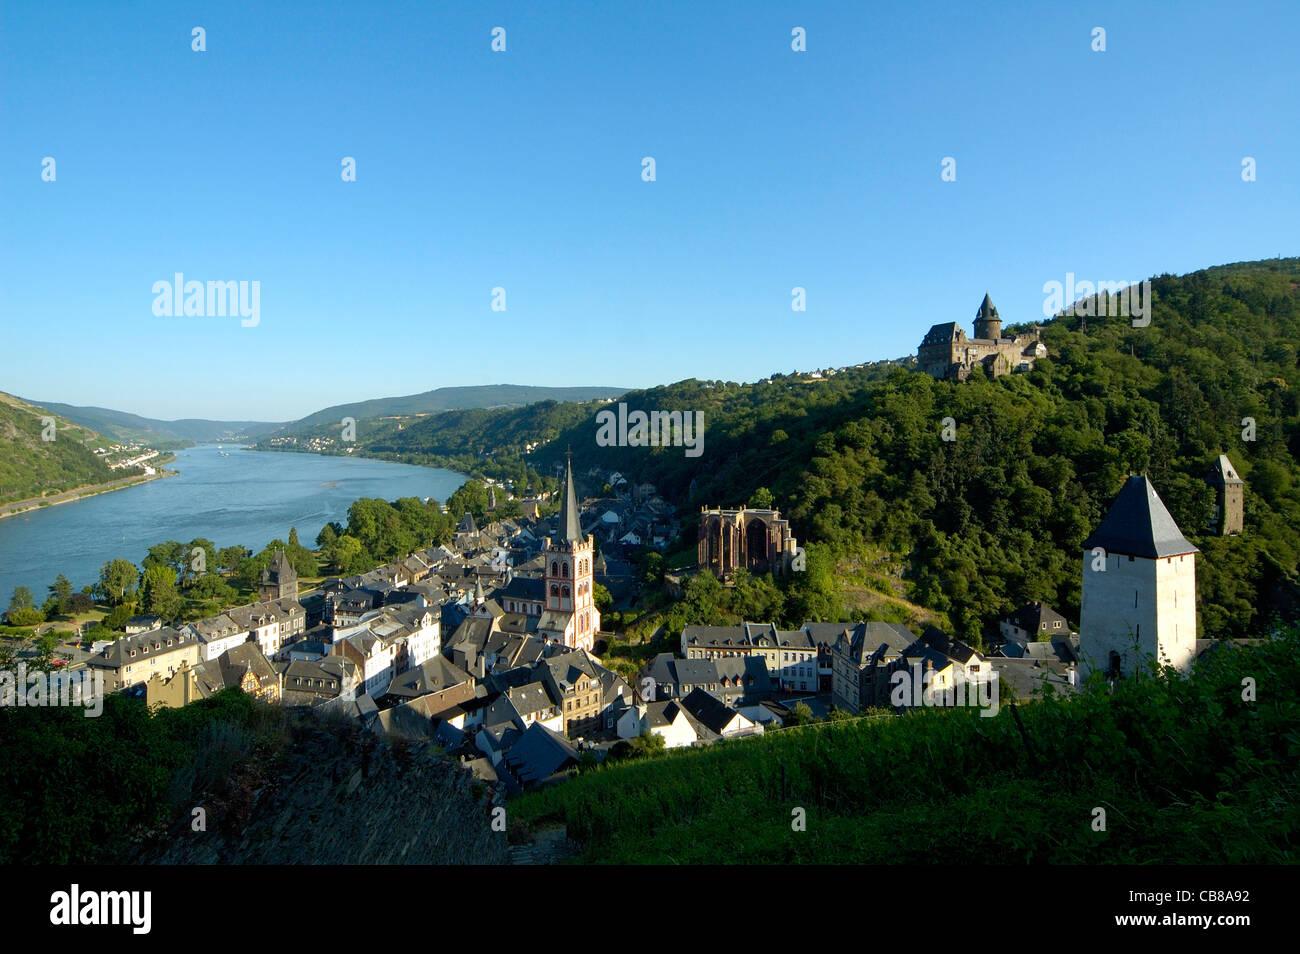 Bacharach am Rhein, Burg Stahleck, Mittelrheintal, Rheinland-Pfalz, Deutschland Stock Photo